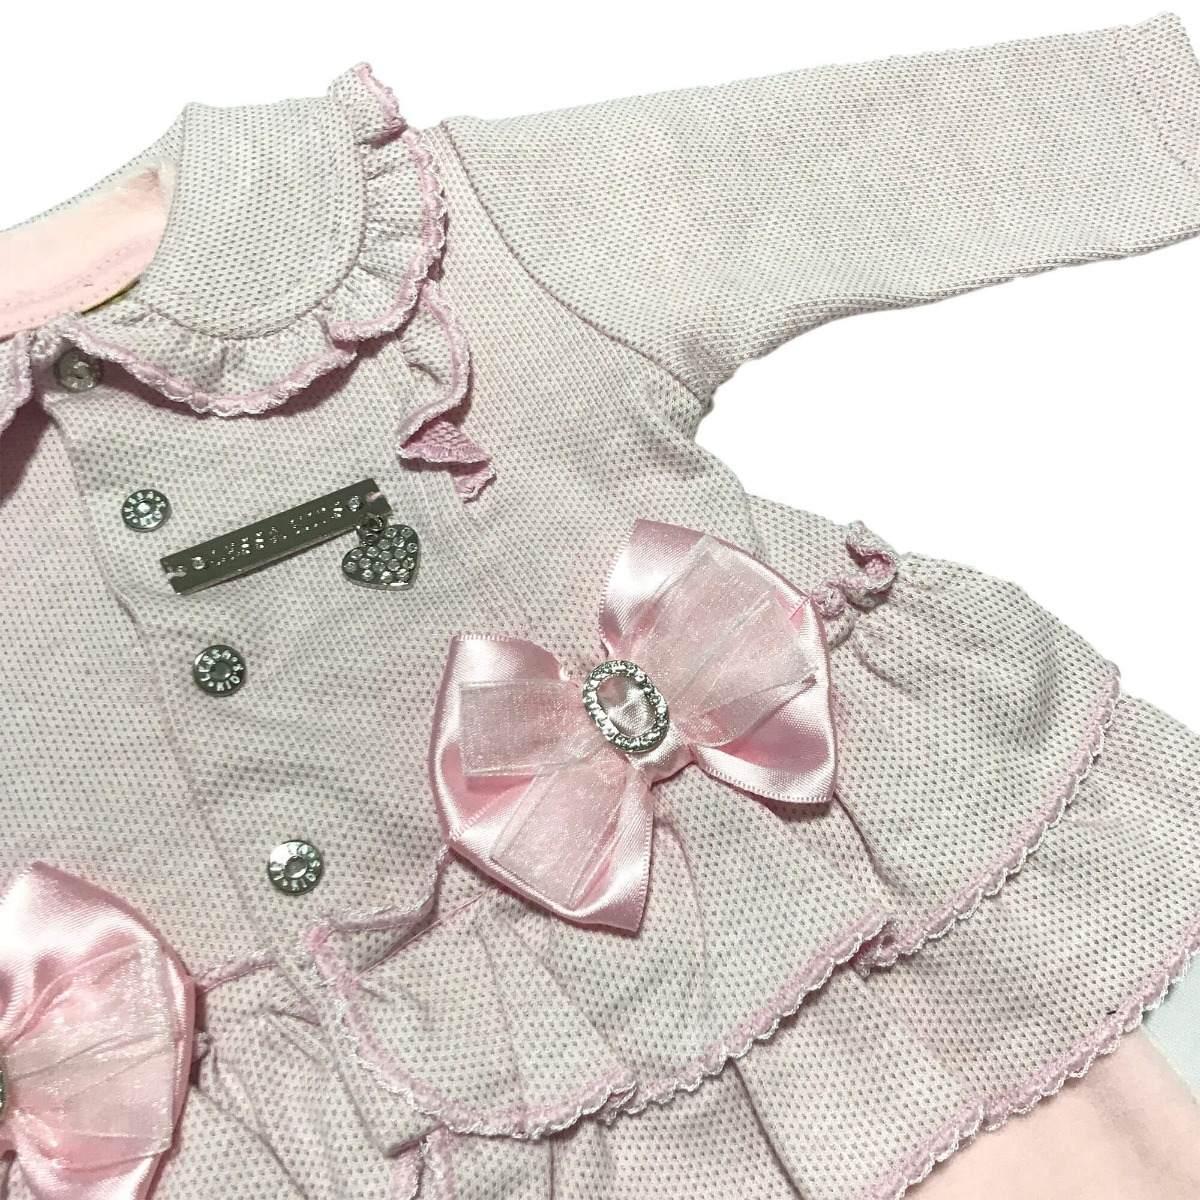 Macacão De Bebê Com Casaco Rosa - R  119 22330fdcadb